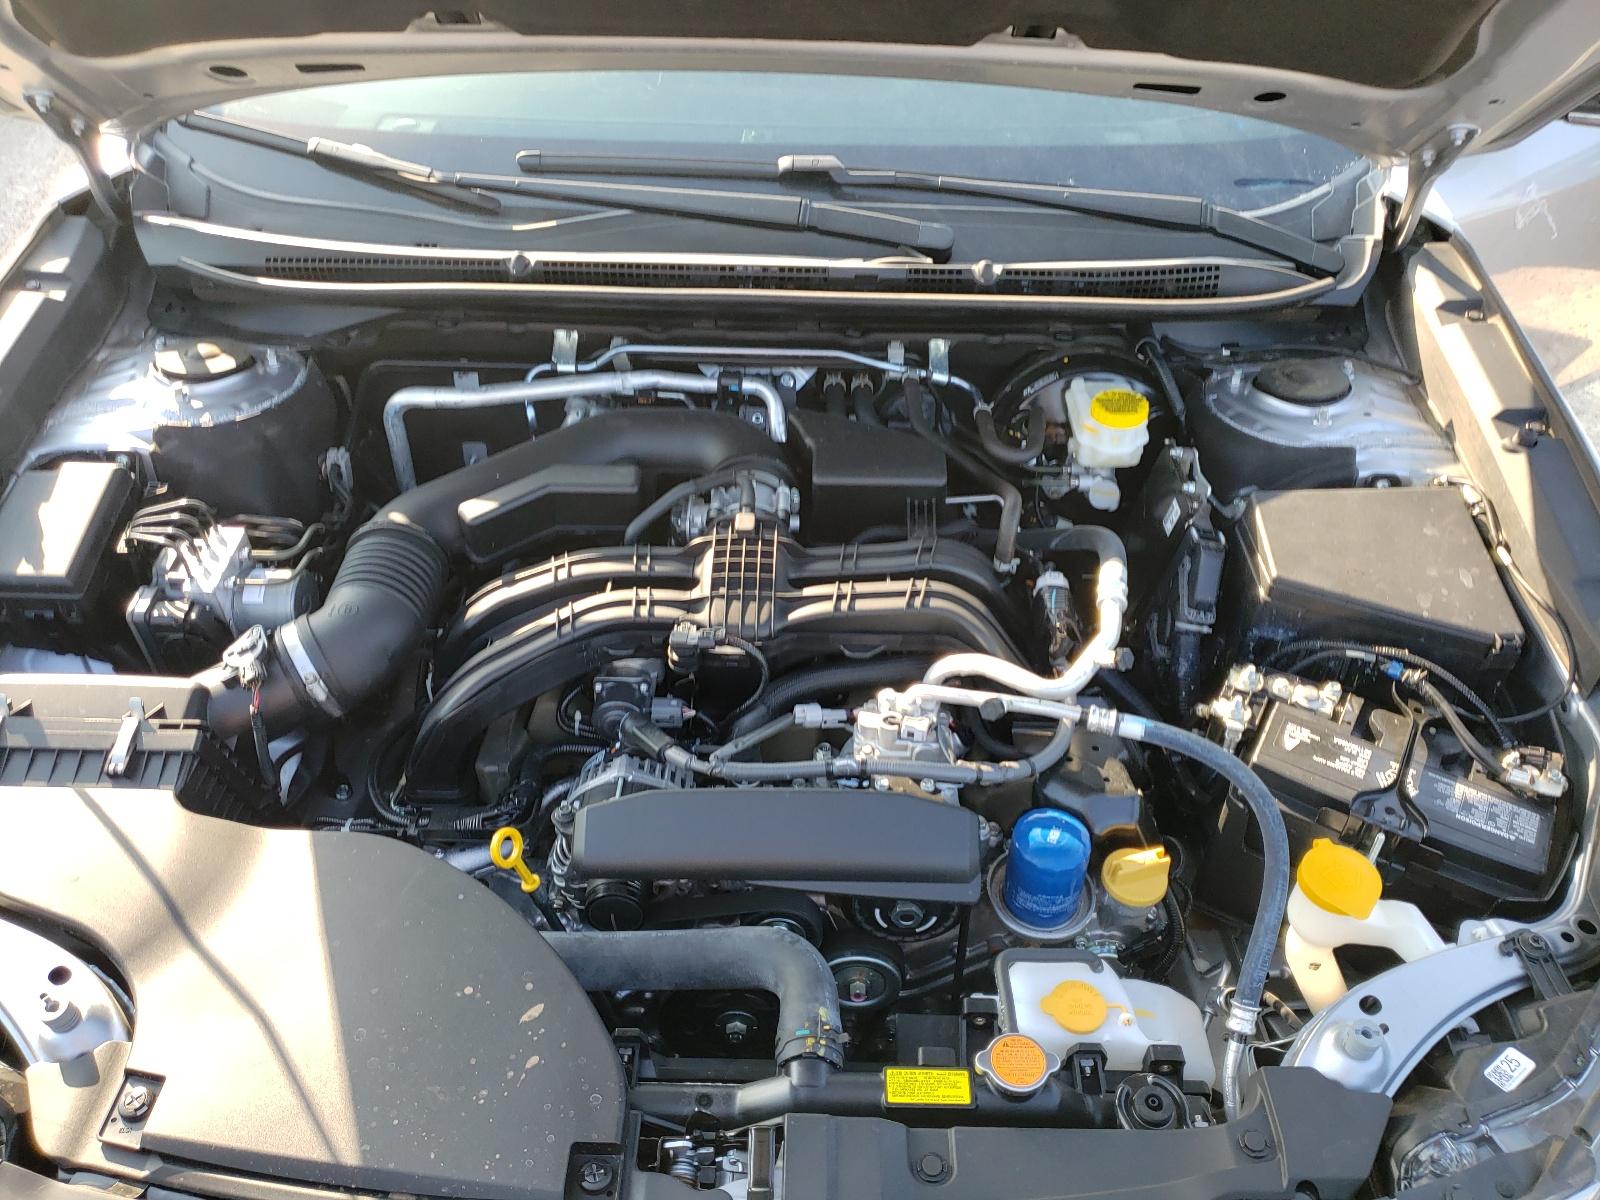 Subaru Legacy Sport 2020 VIN 4S3BWAG60L3032442